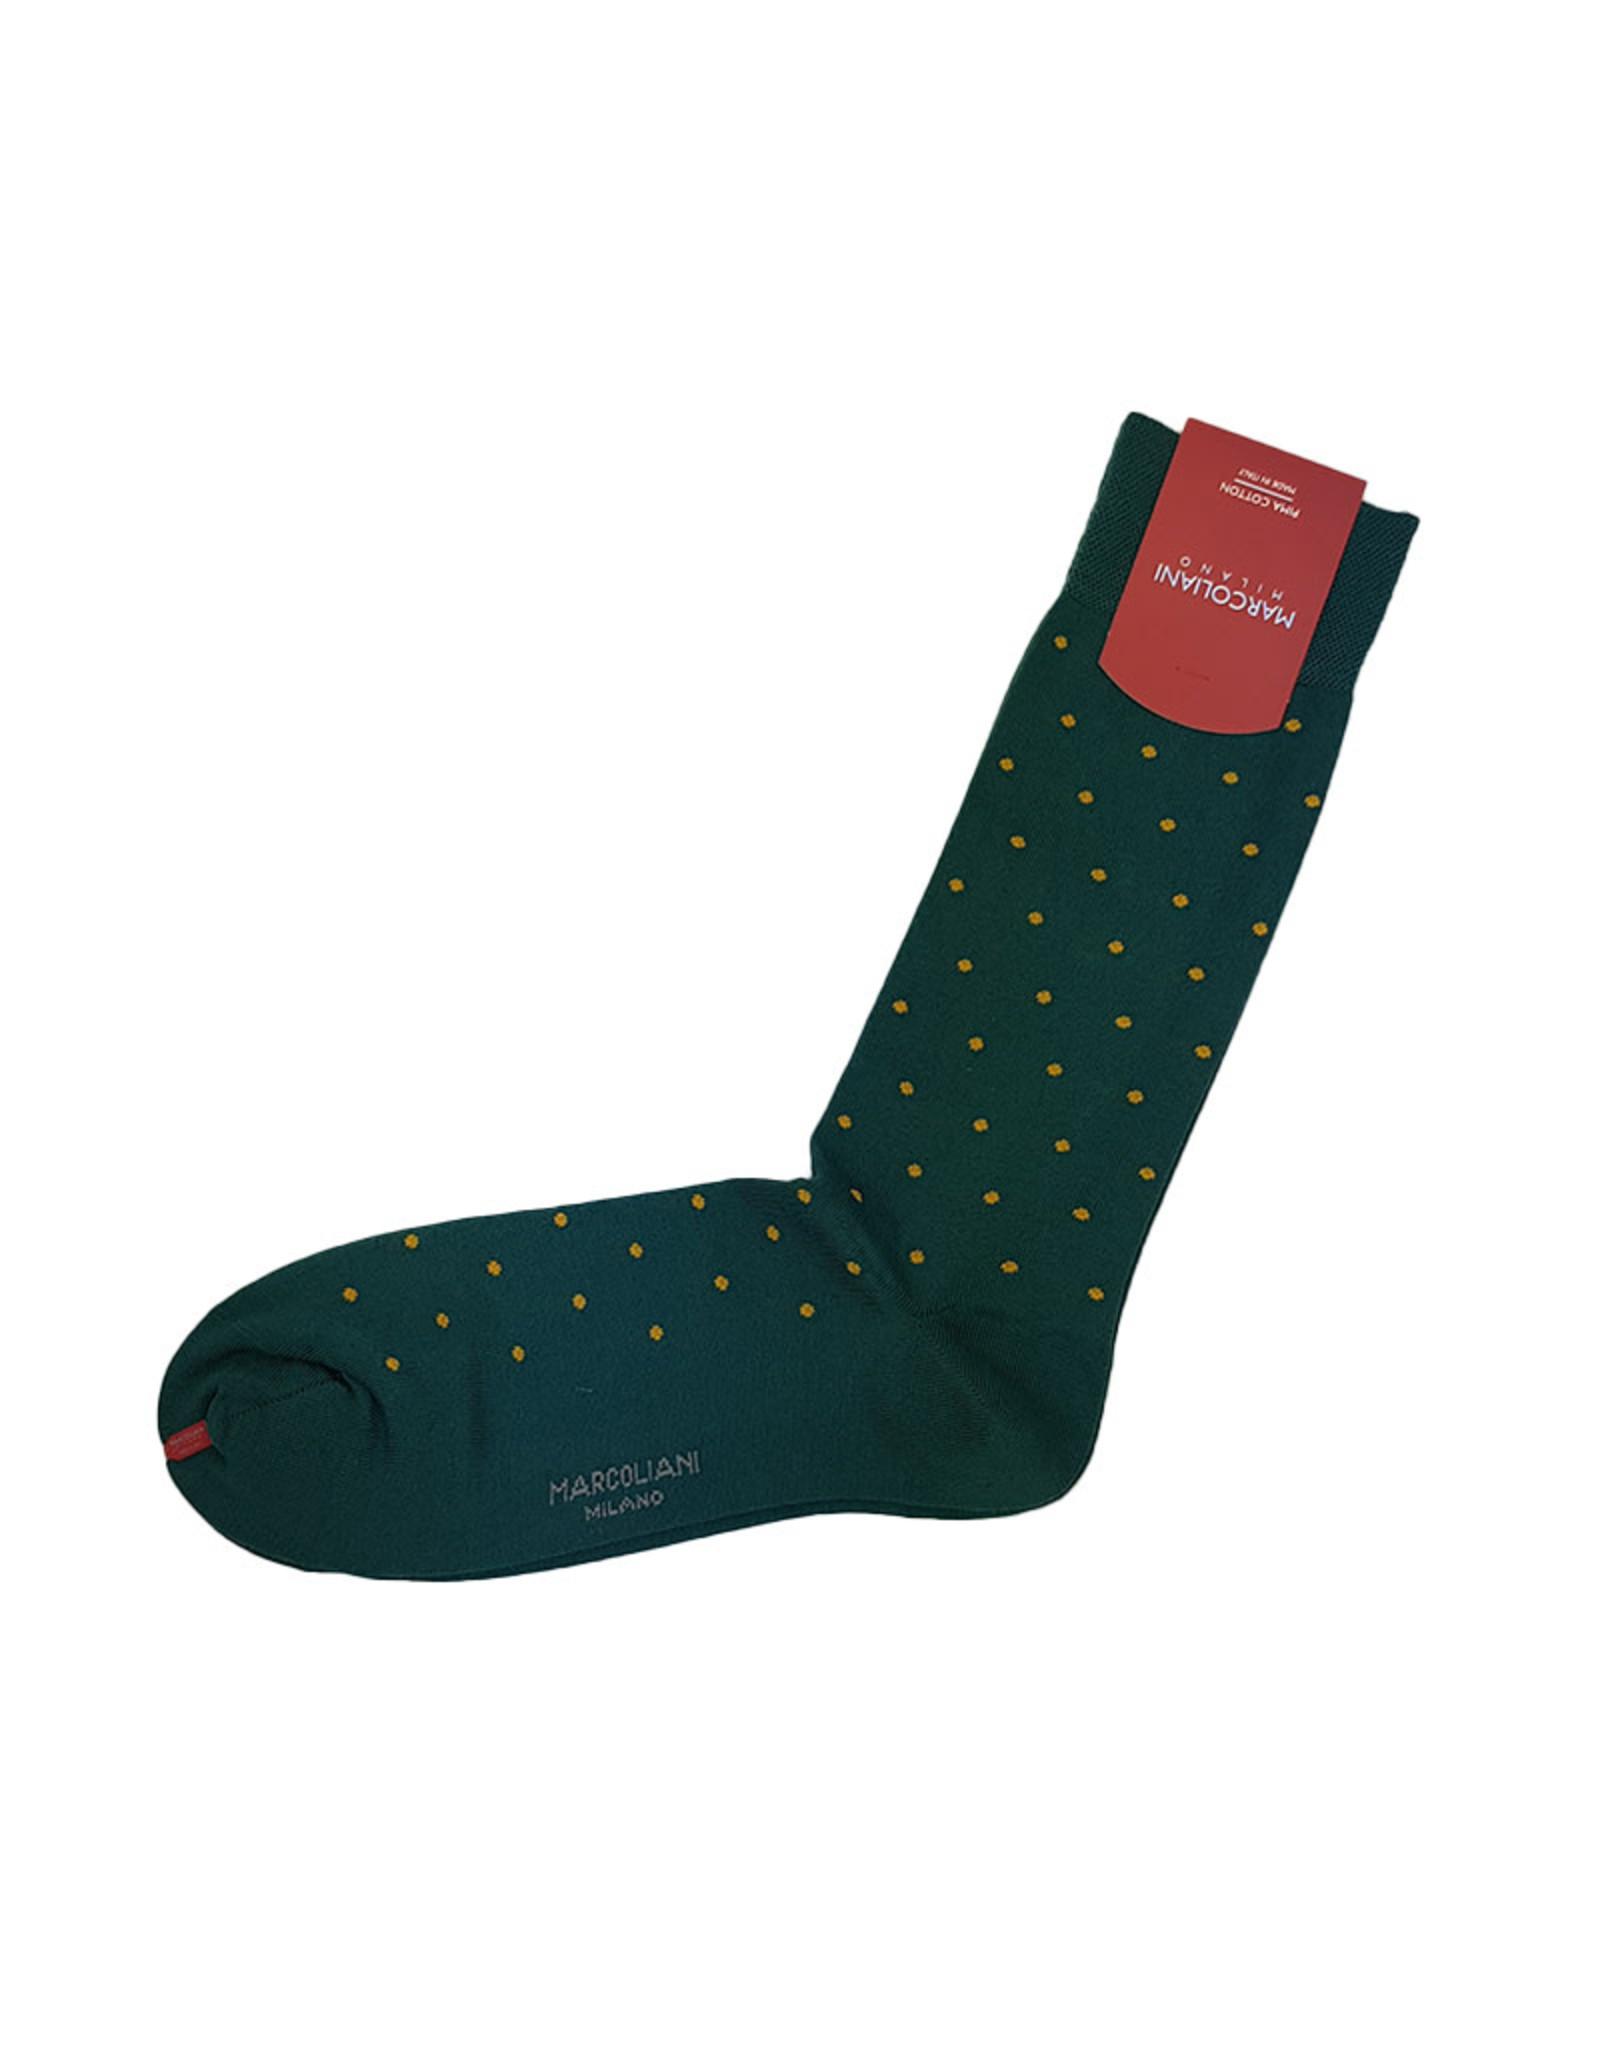 Marcoliani Marcoliani sokken groen gestipt 2776T/040